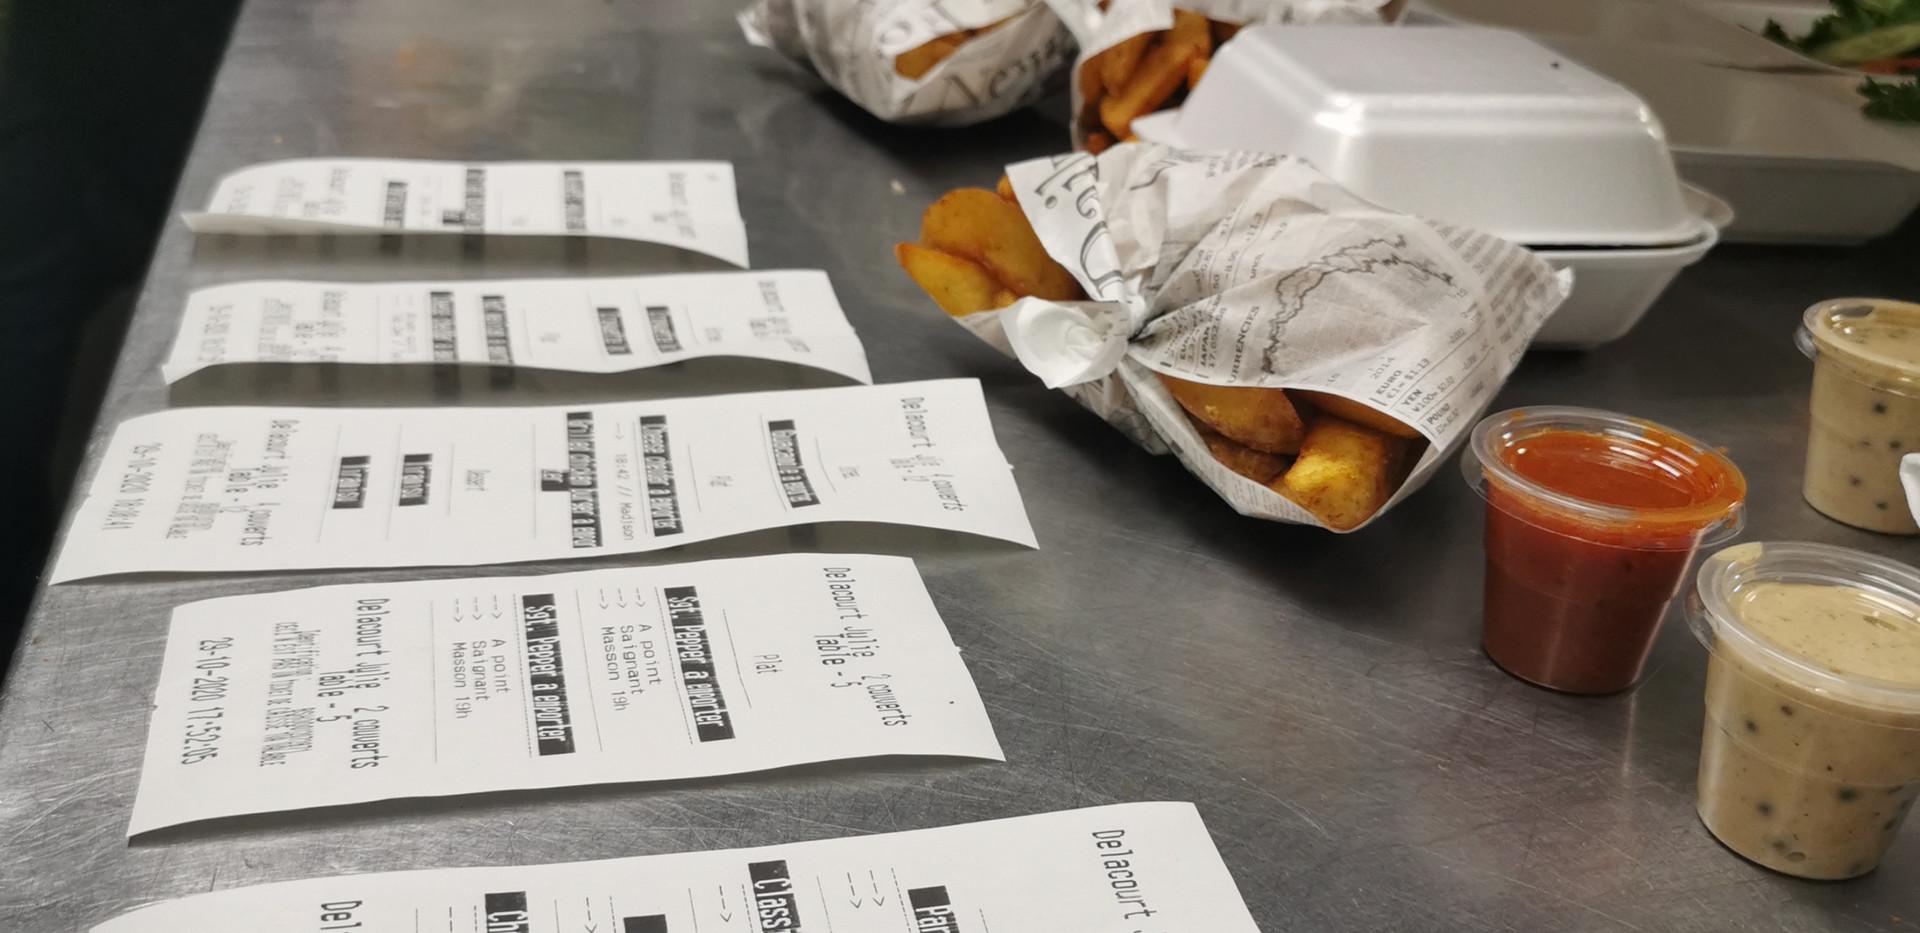 à emporter schaerbeek burger.jpg